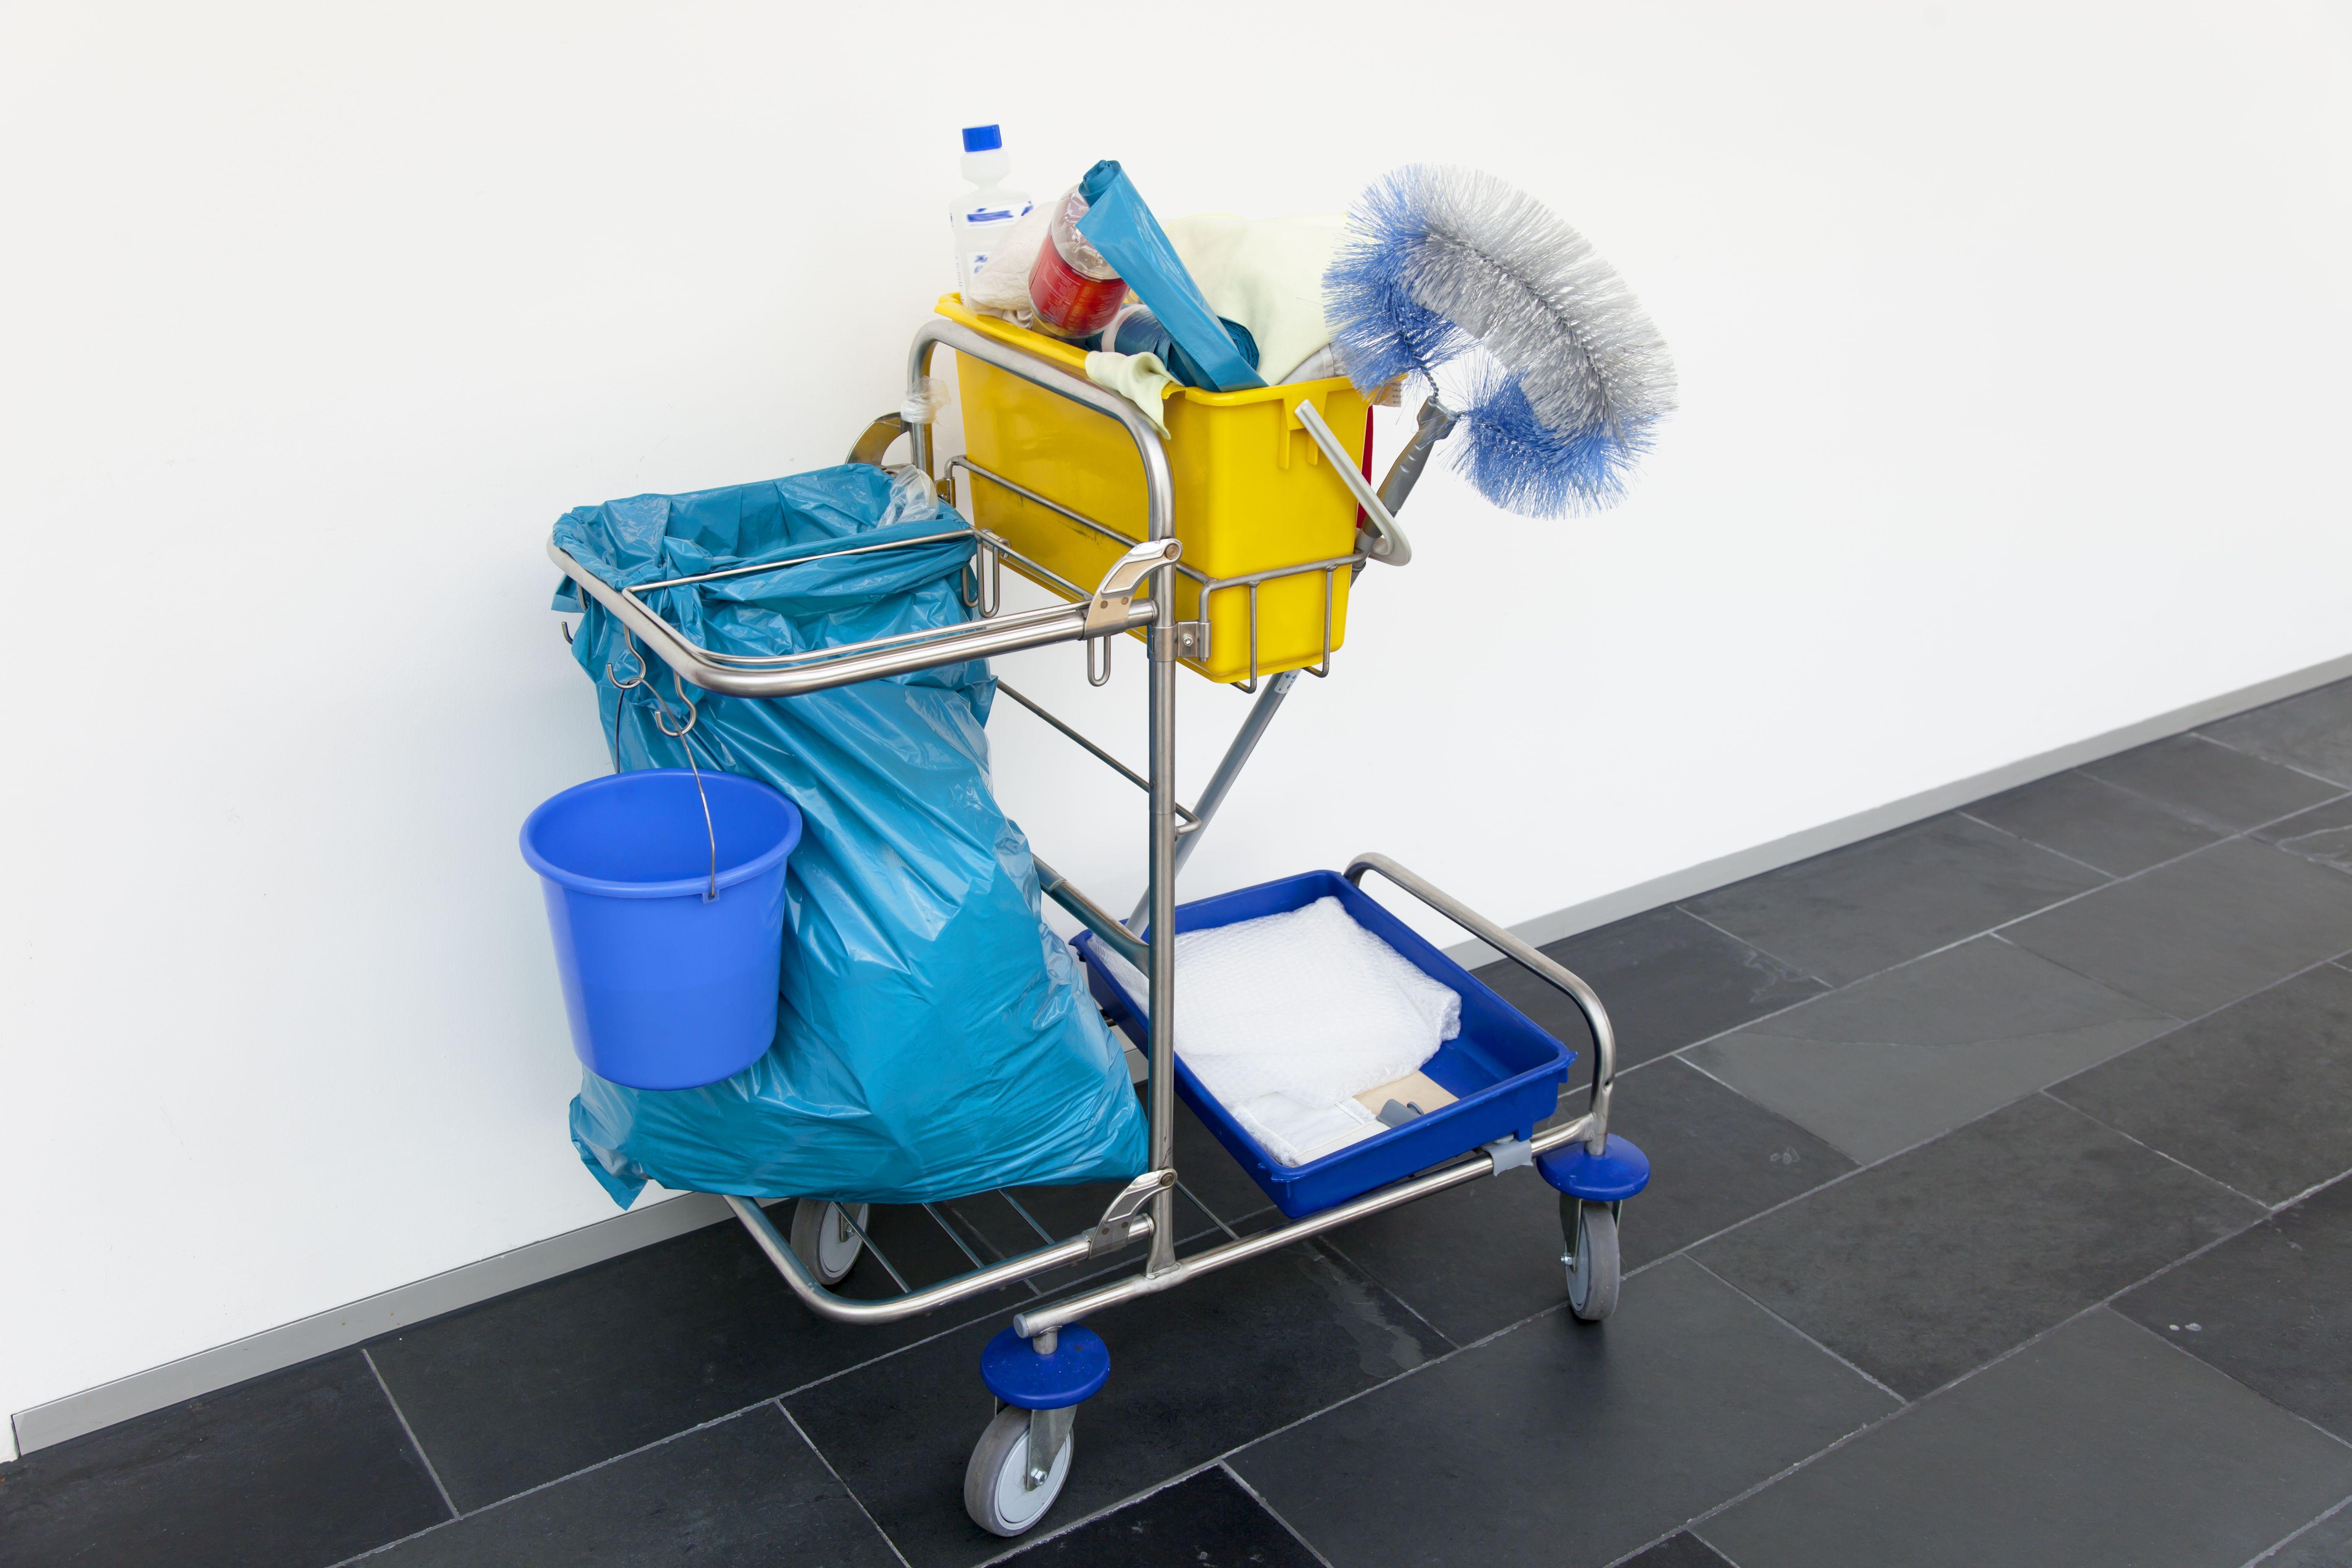 Equipos de limpieza y carros: Productos y servicios de Efi Higiene